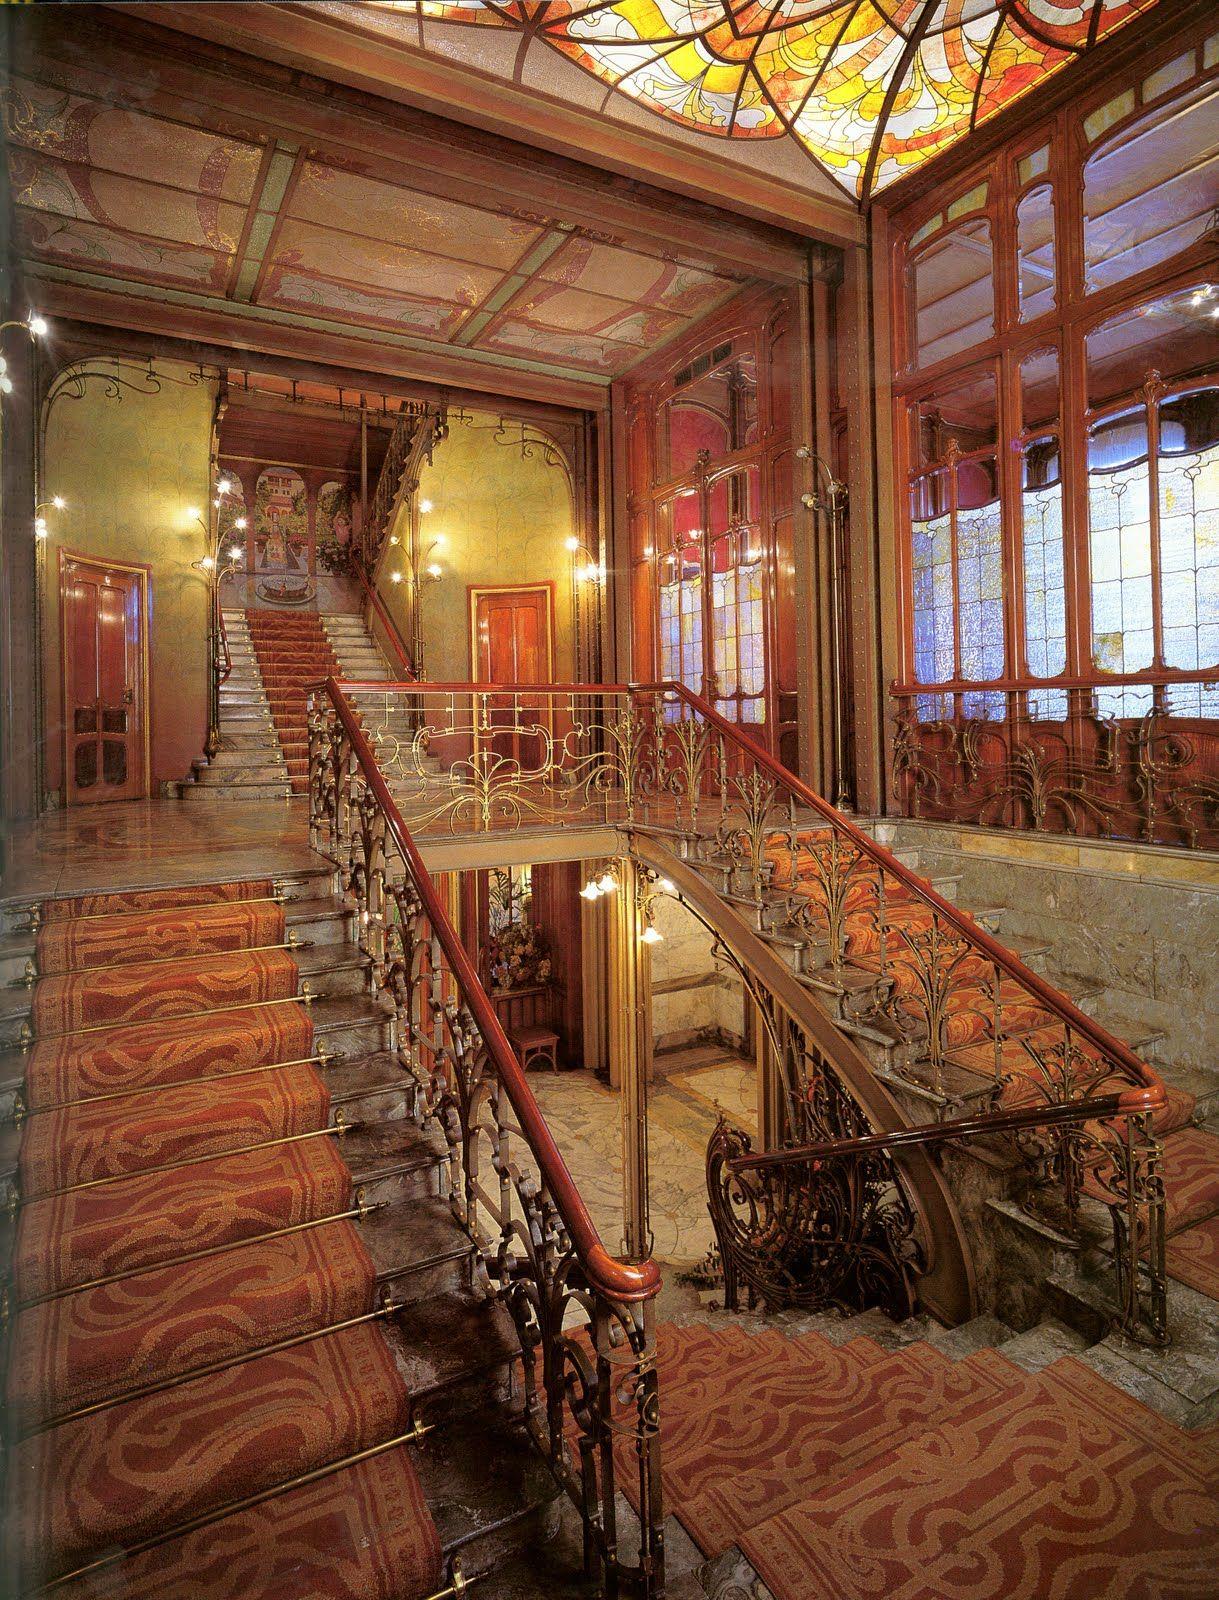 L 39 h tel solvay est un h tel de ma tre bruxellois de style art nouveau con u par l 39 architecte - Difference entre maitre d oeuvre et maitre d ouvrage ...